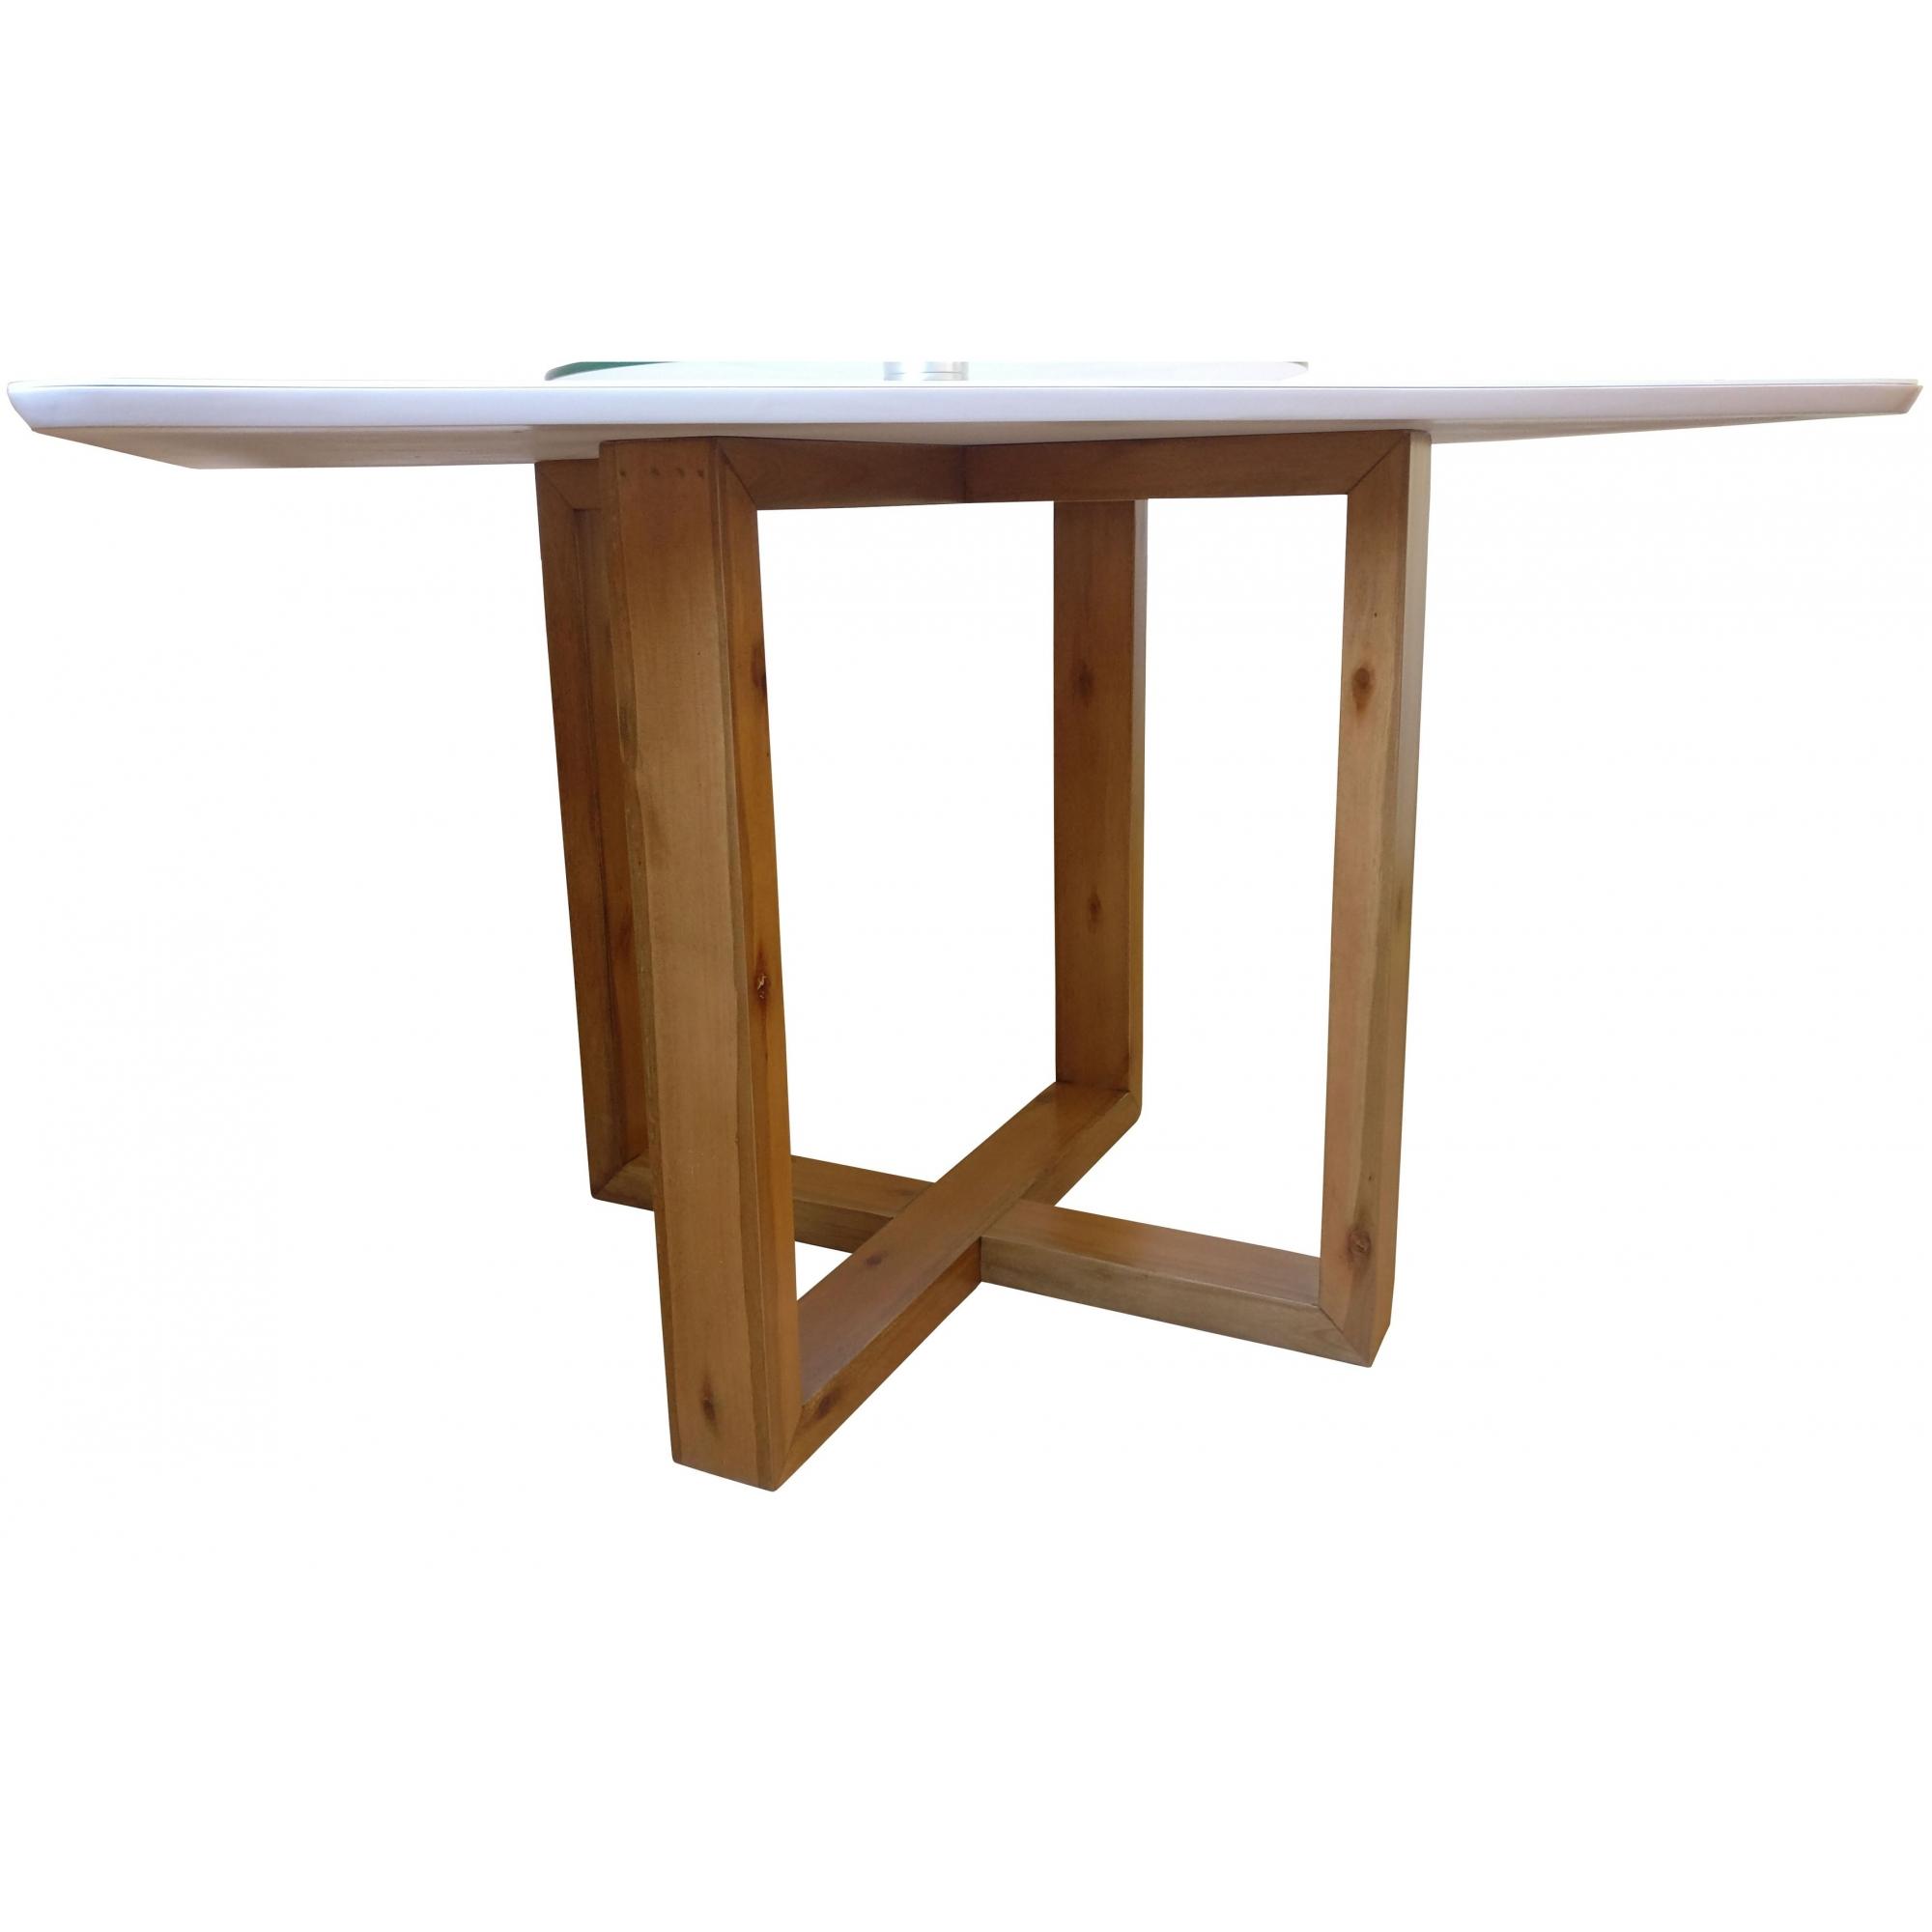 Tampo de Mesa para Sala Jantar Laqueado 1,1x0,8m Canto Copo